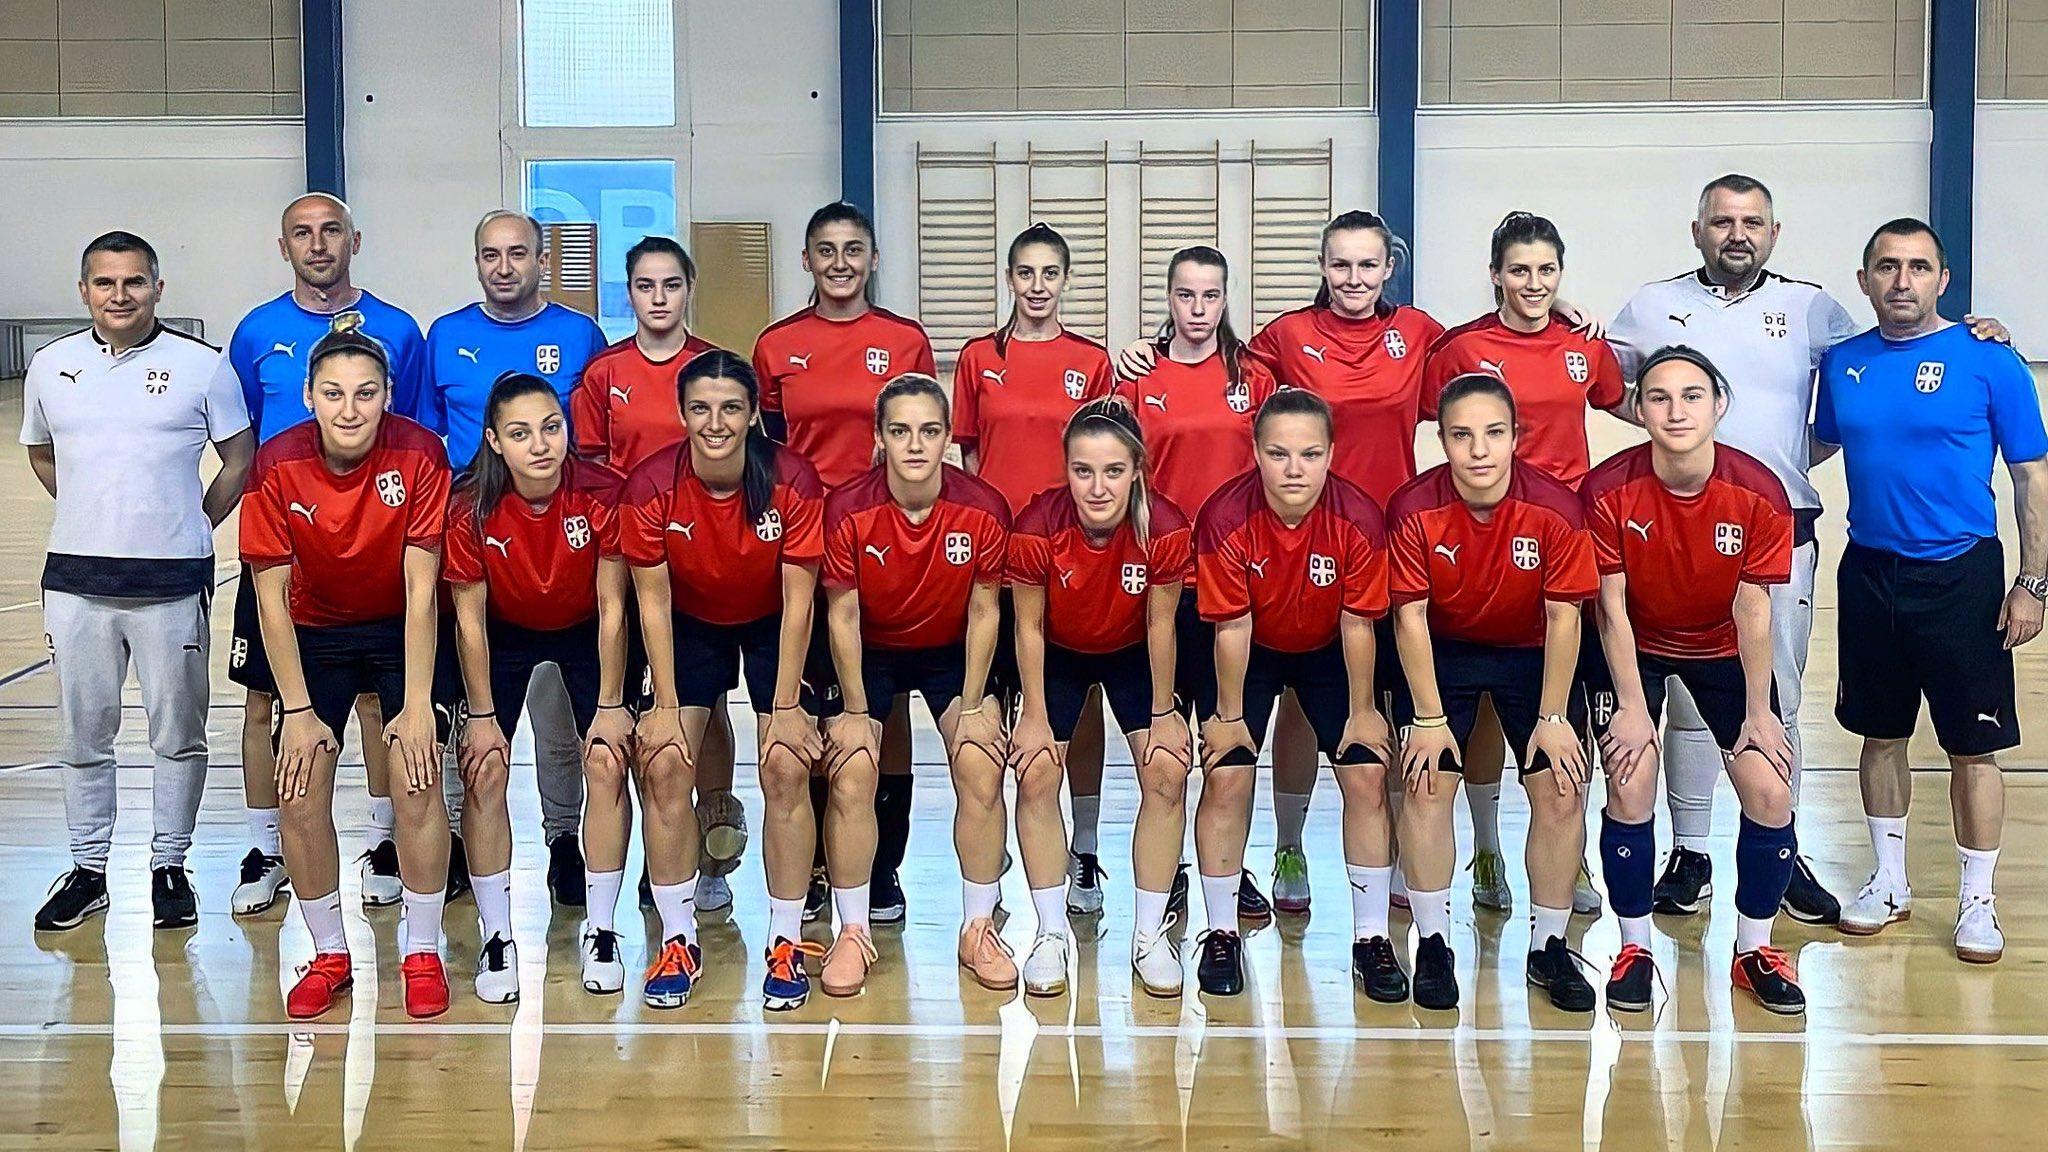 ženska futsal reprezentacija srbije